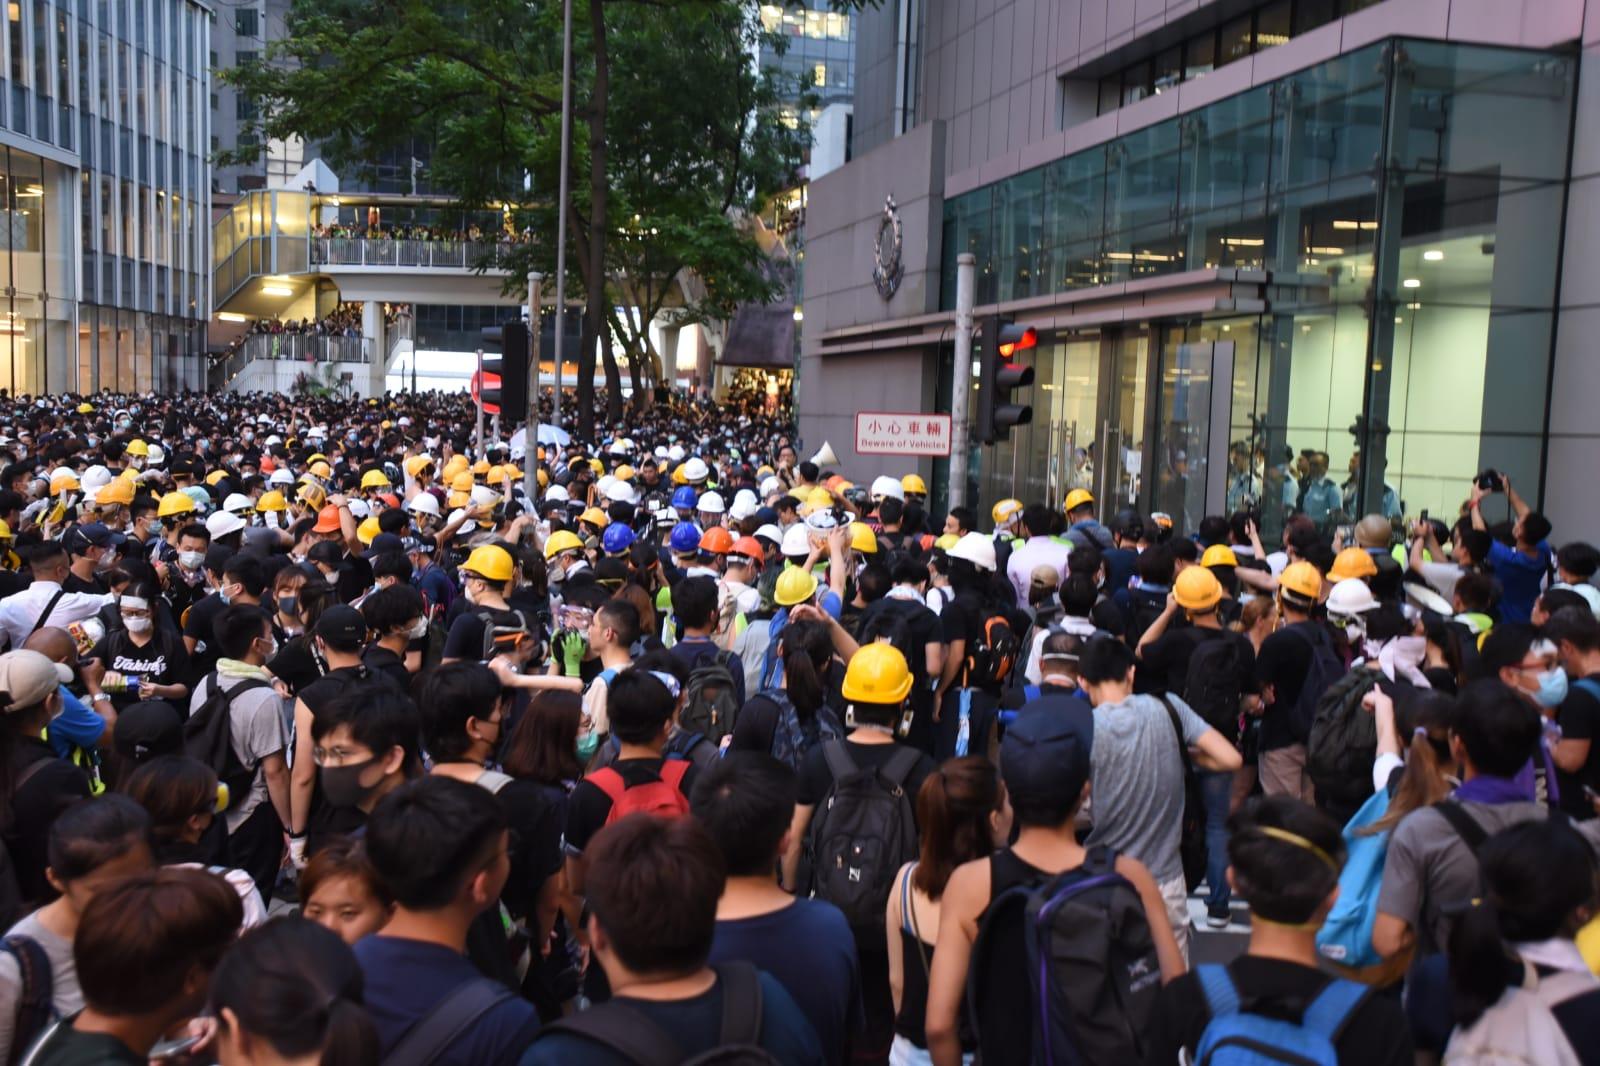 大批示威者入夜後仍然包圍警察總部。